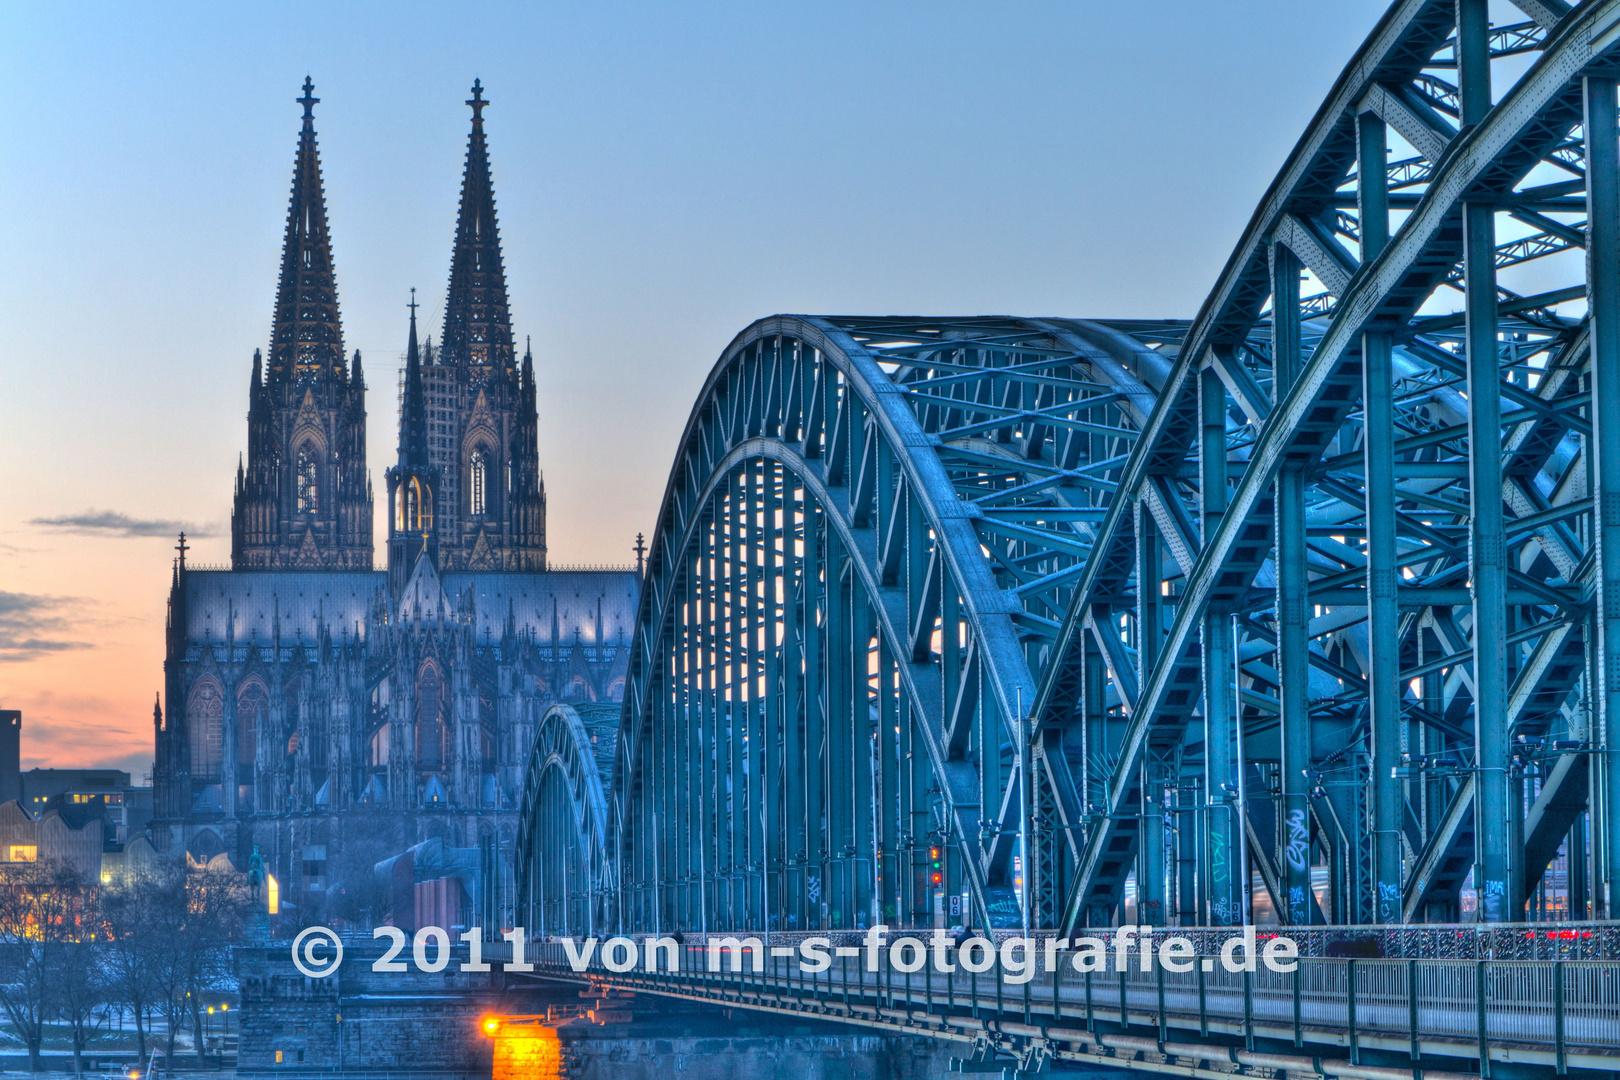 Kölner Dom & Hohenzollernbrücke, Variante01